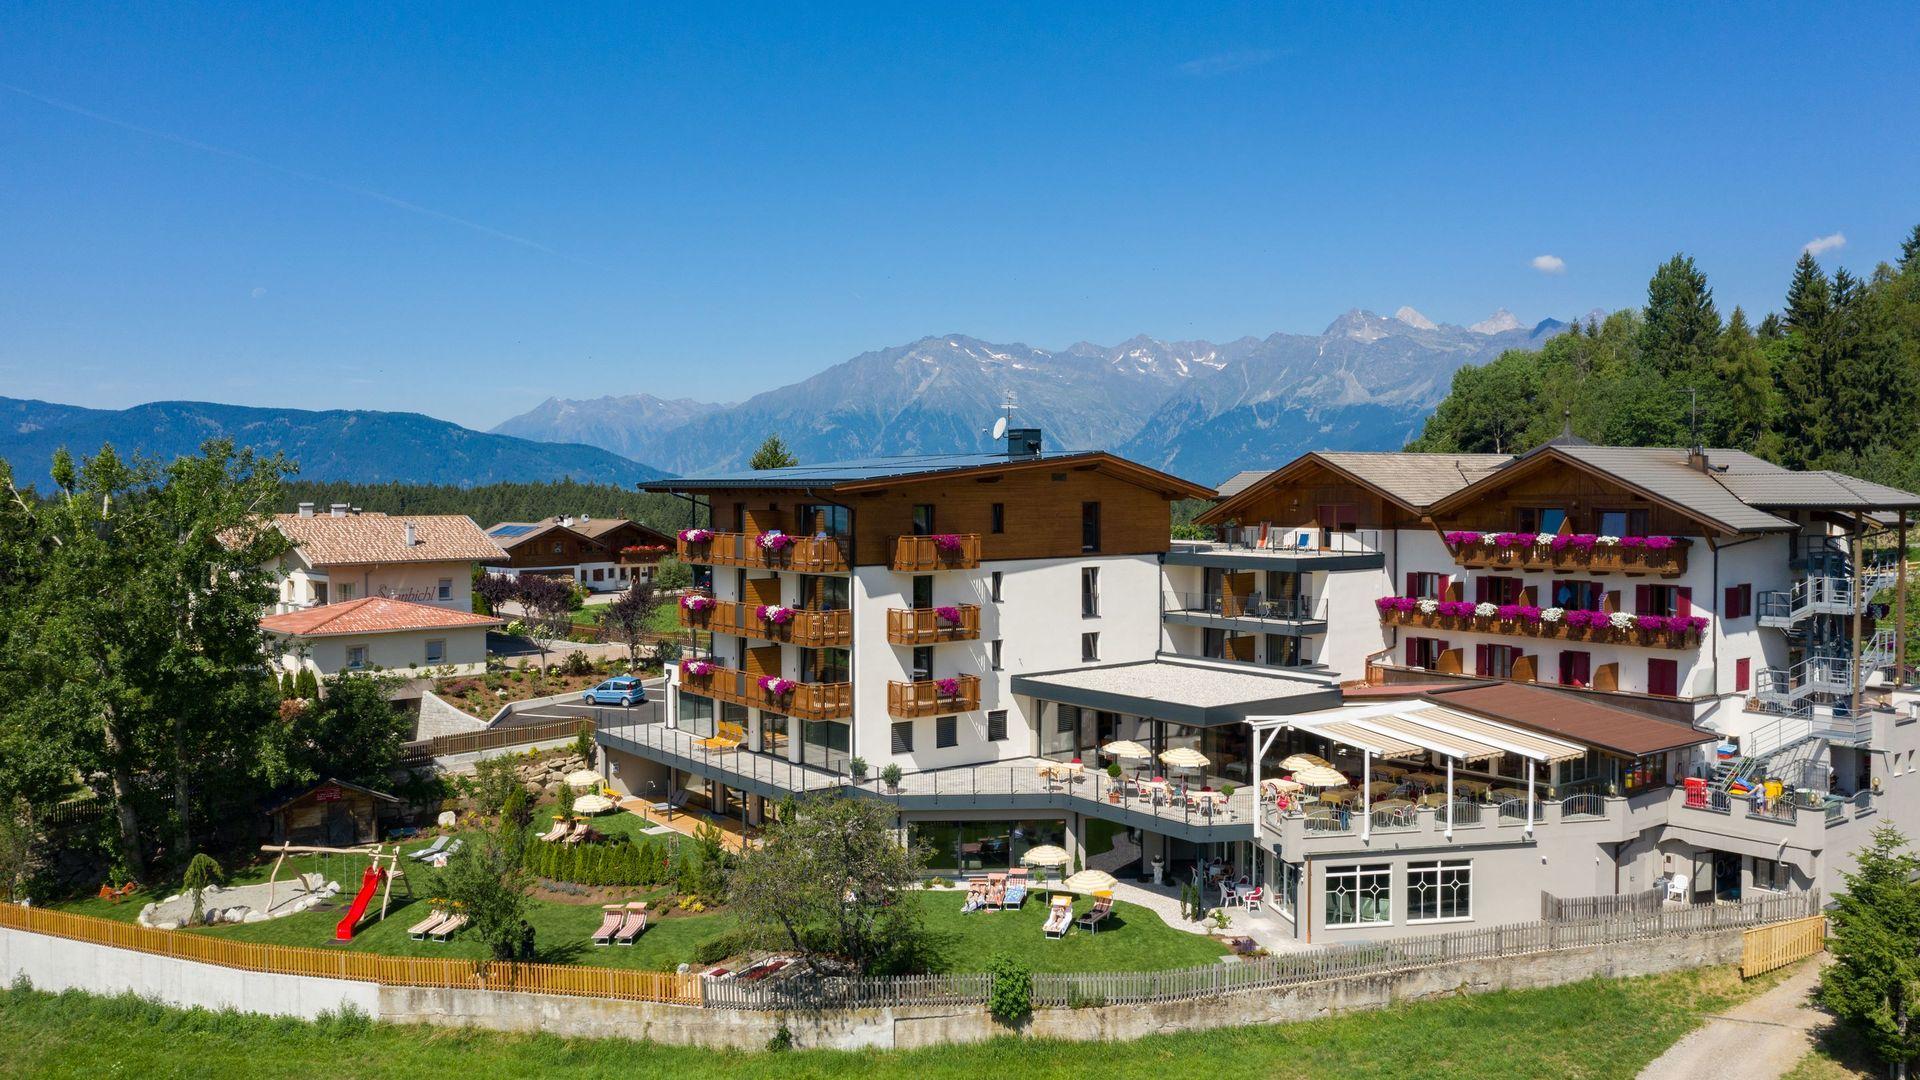 Hotel Benessere Sonnenheim Panorama Avelengo e Merano